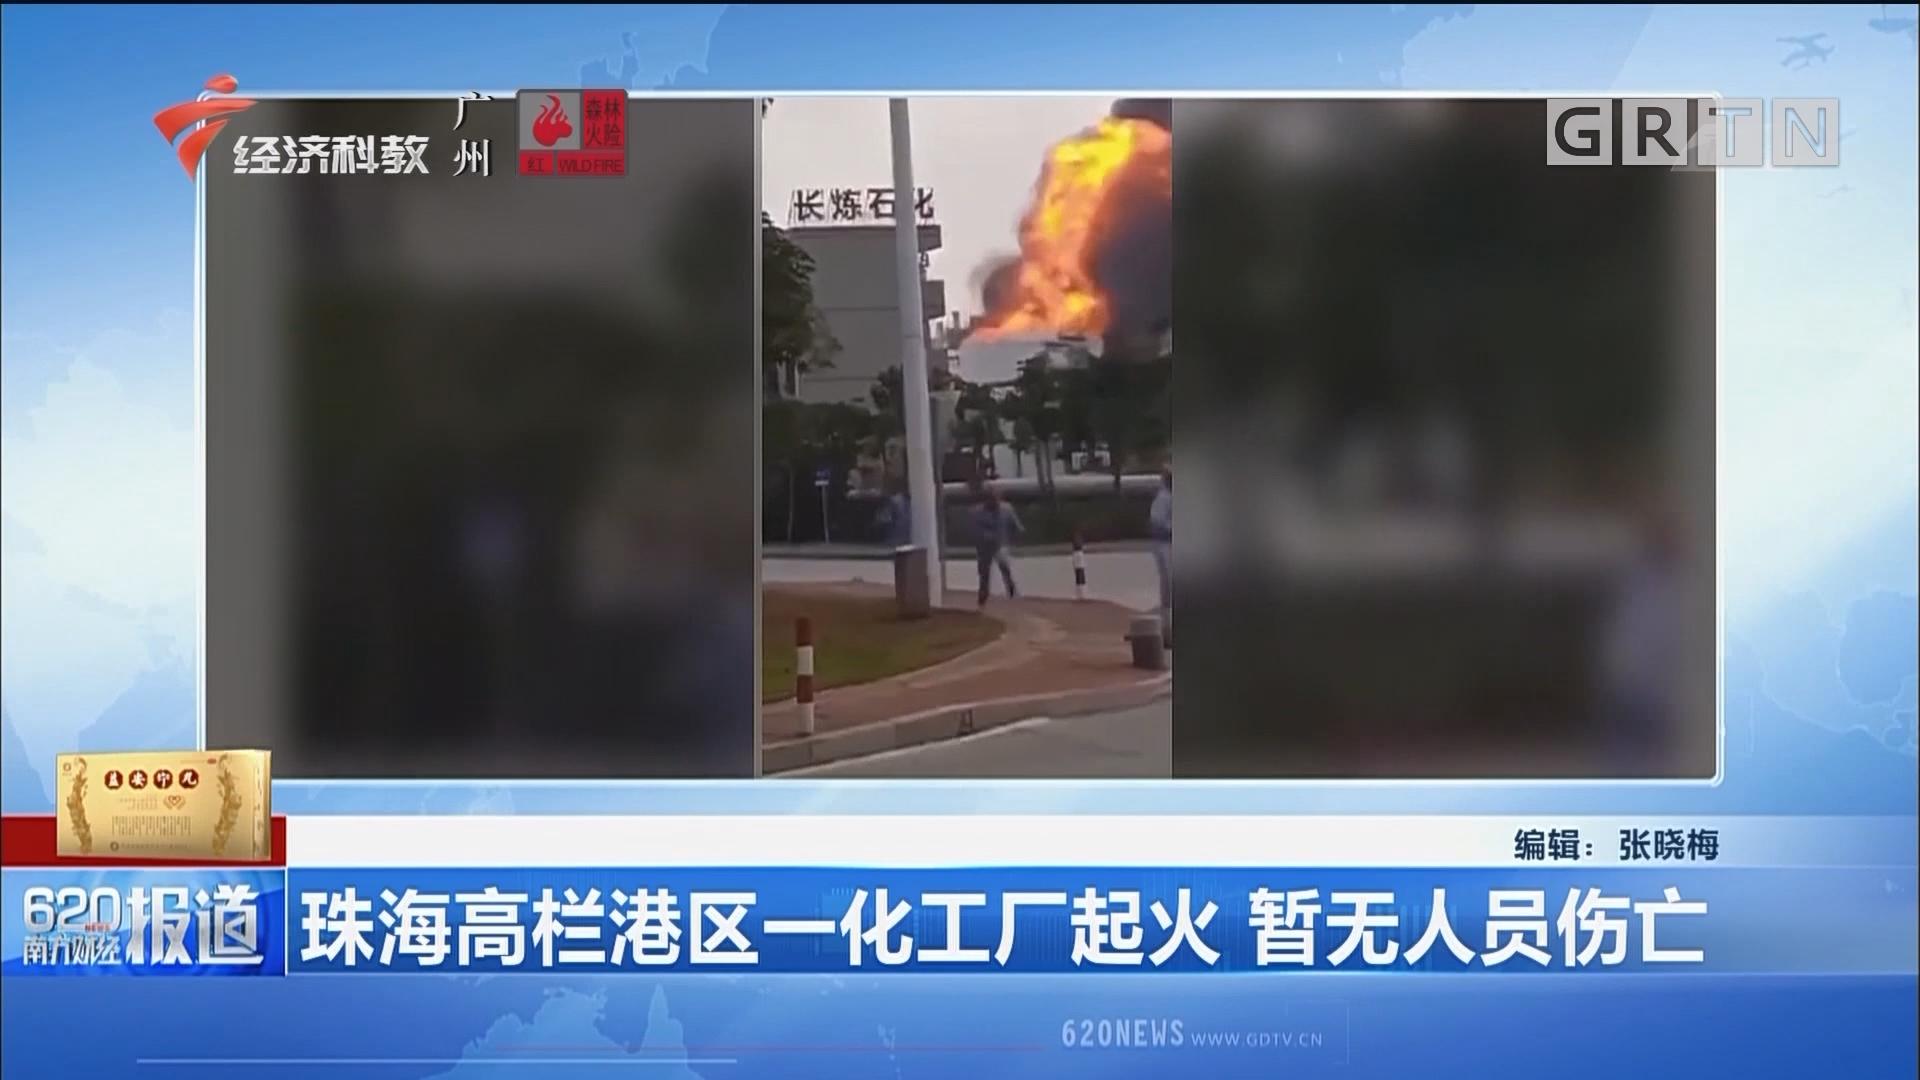 珠海高栏港区一化工厂起火 暂无人员伤亡